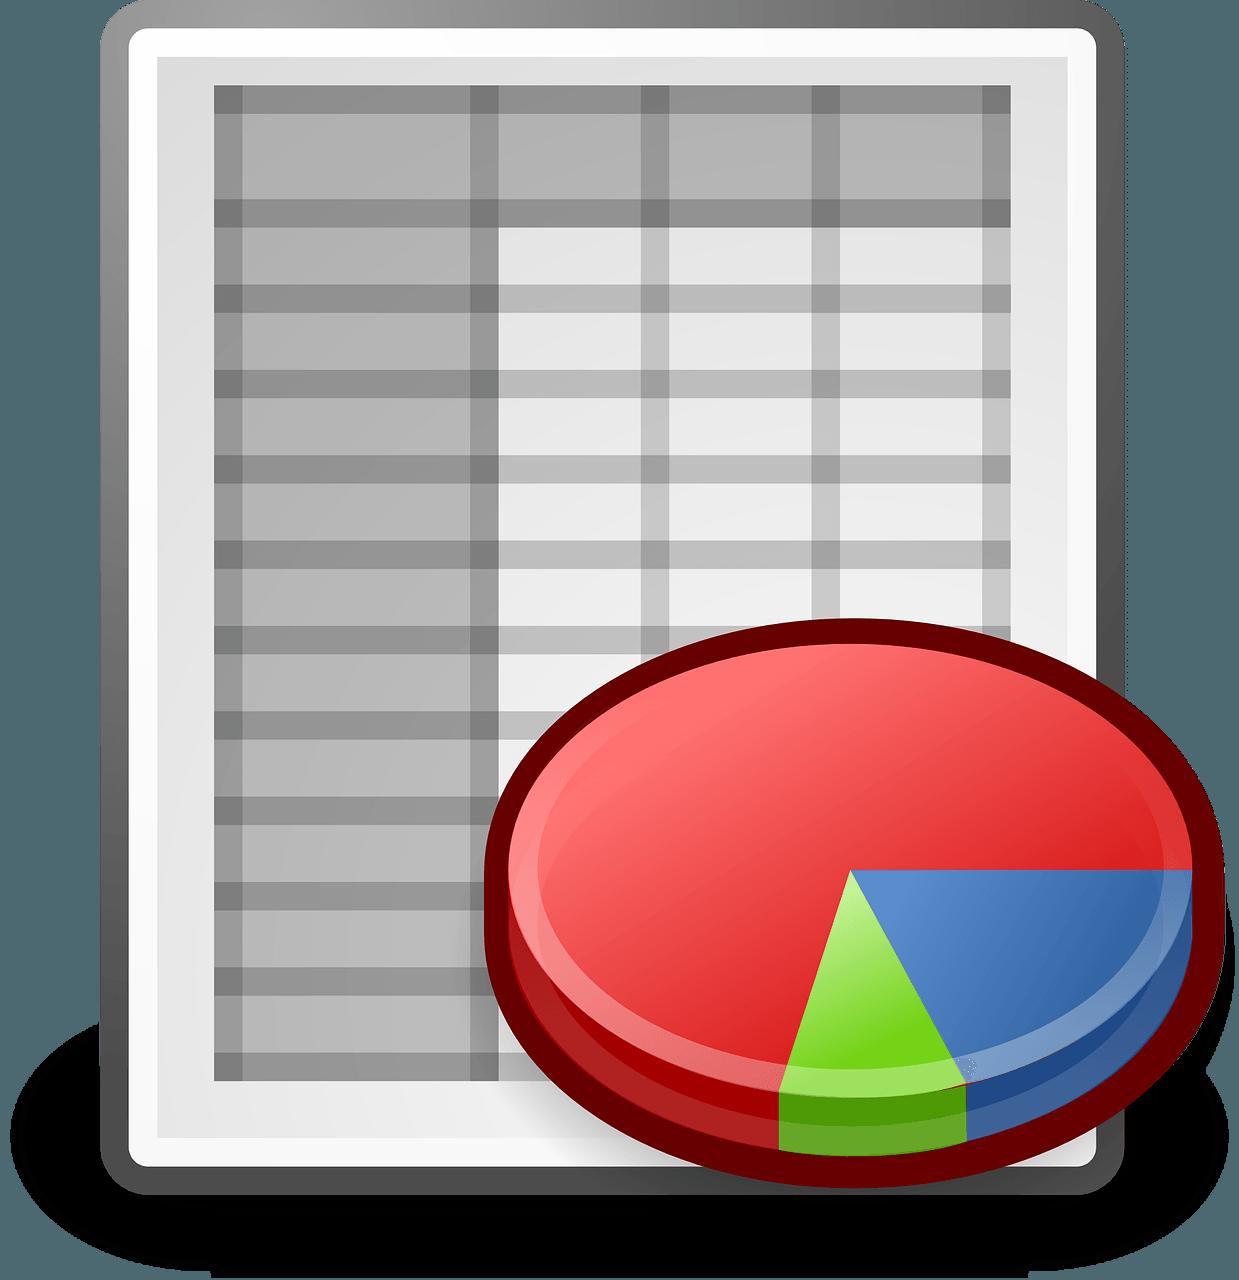 Få styr på regnskaber og administration med Excel kurser